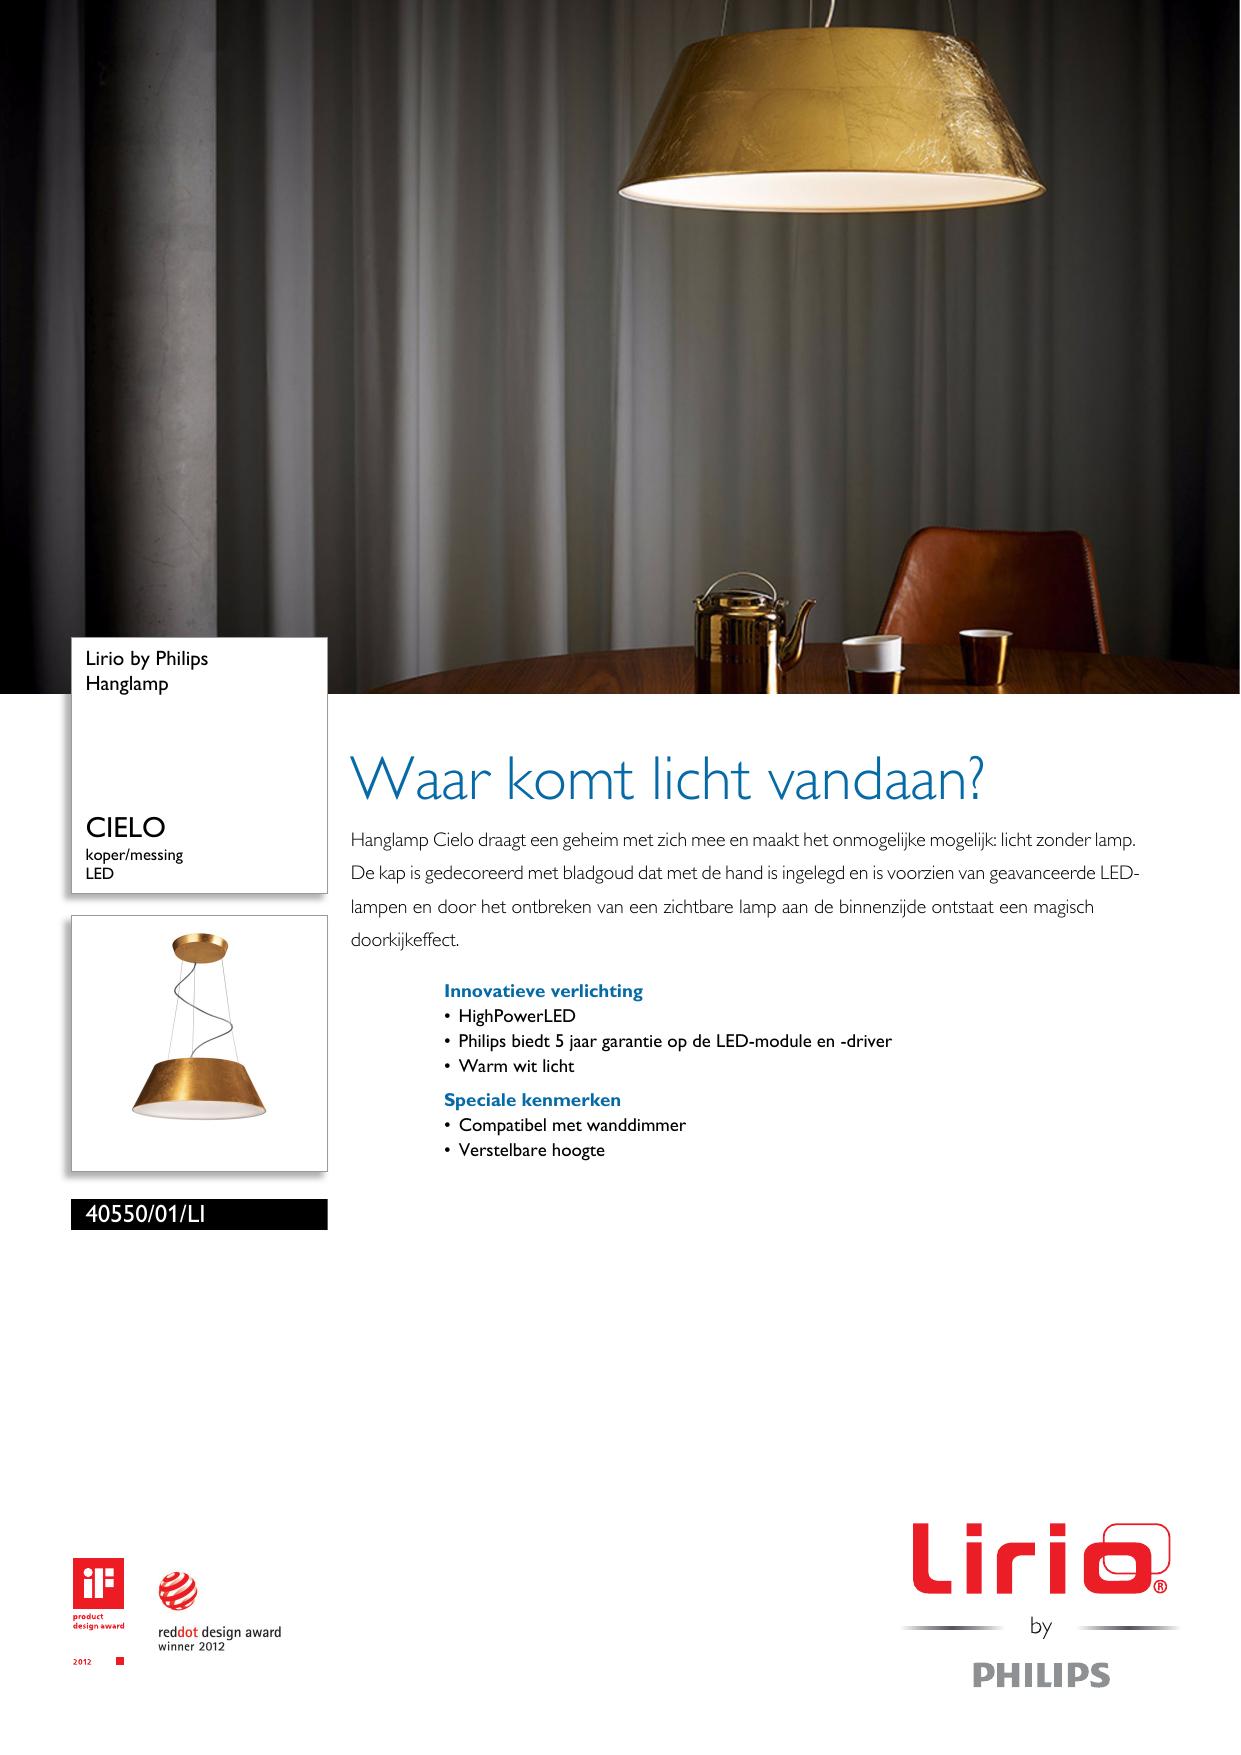 philips 4055001li lirio hanglamp pss nldnl